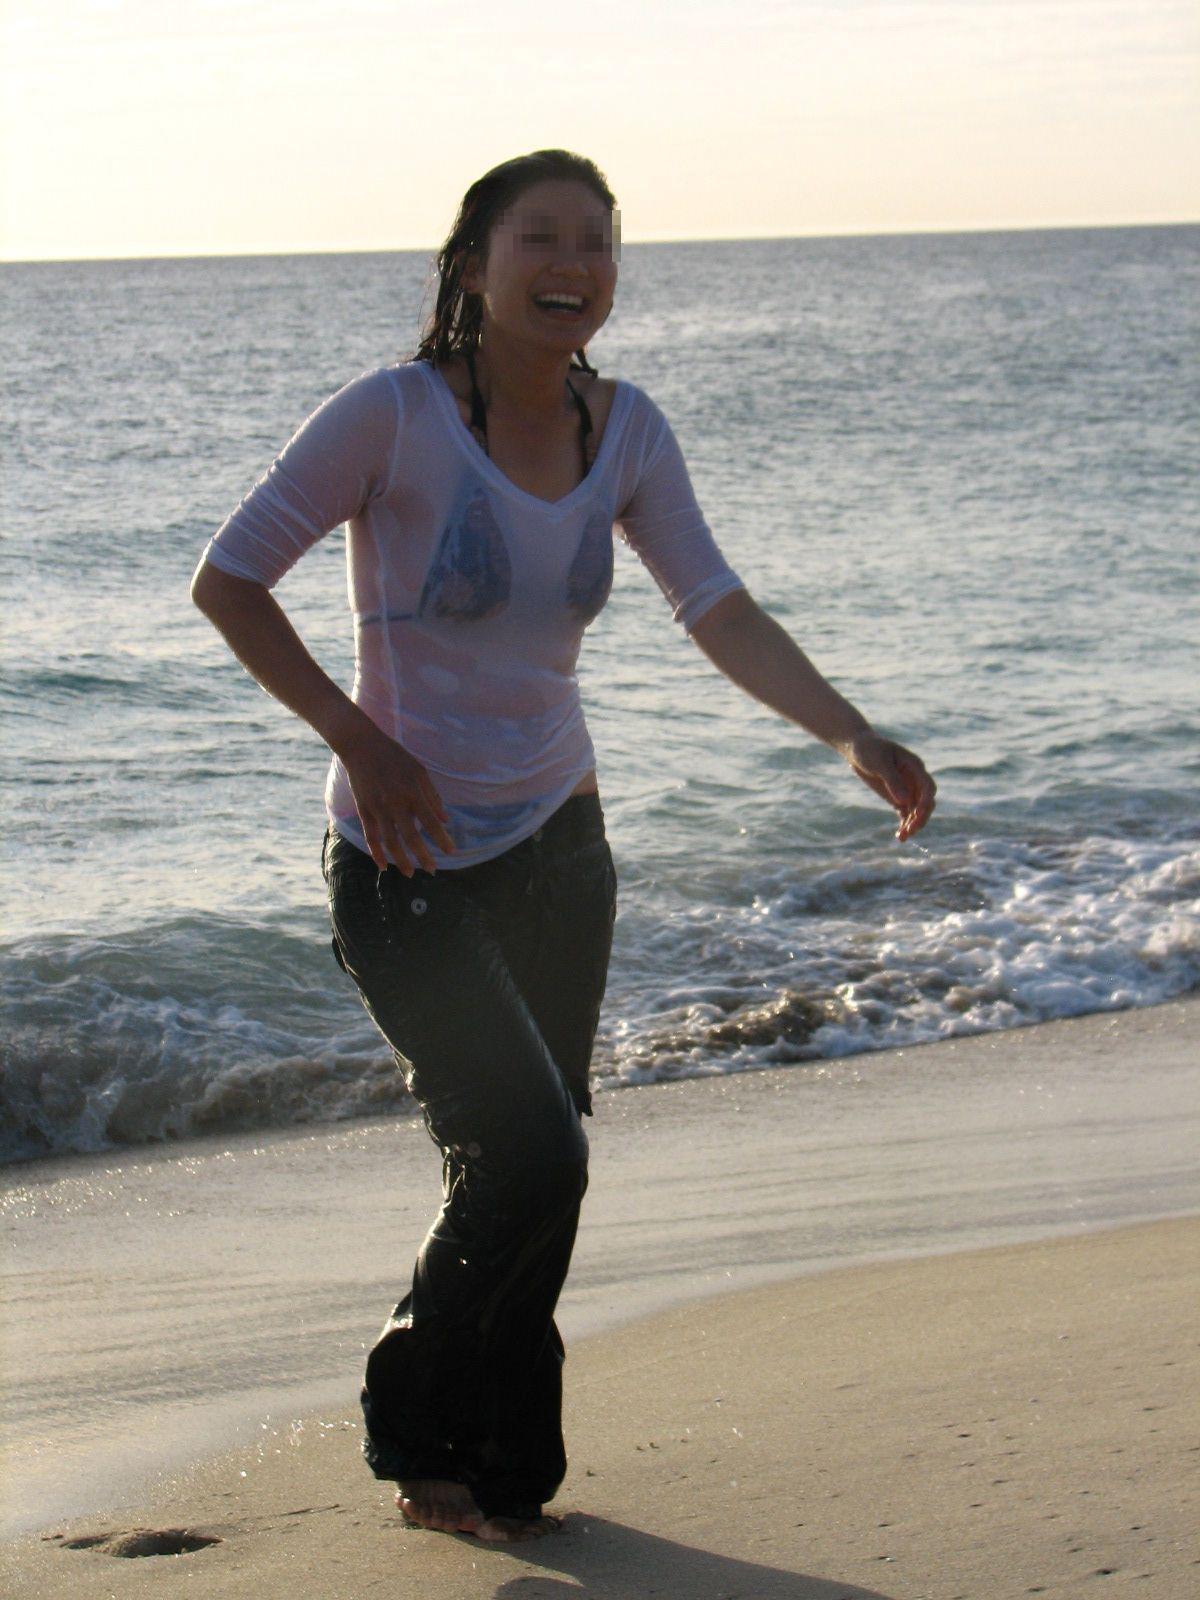 洋服が濡れて下着が透けてる女性の街撮り素人エロ画像20